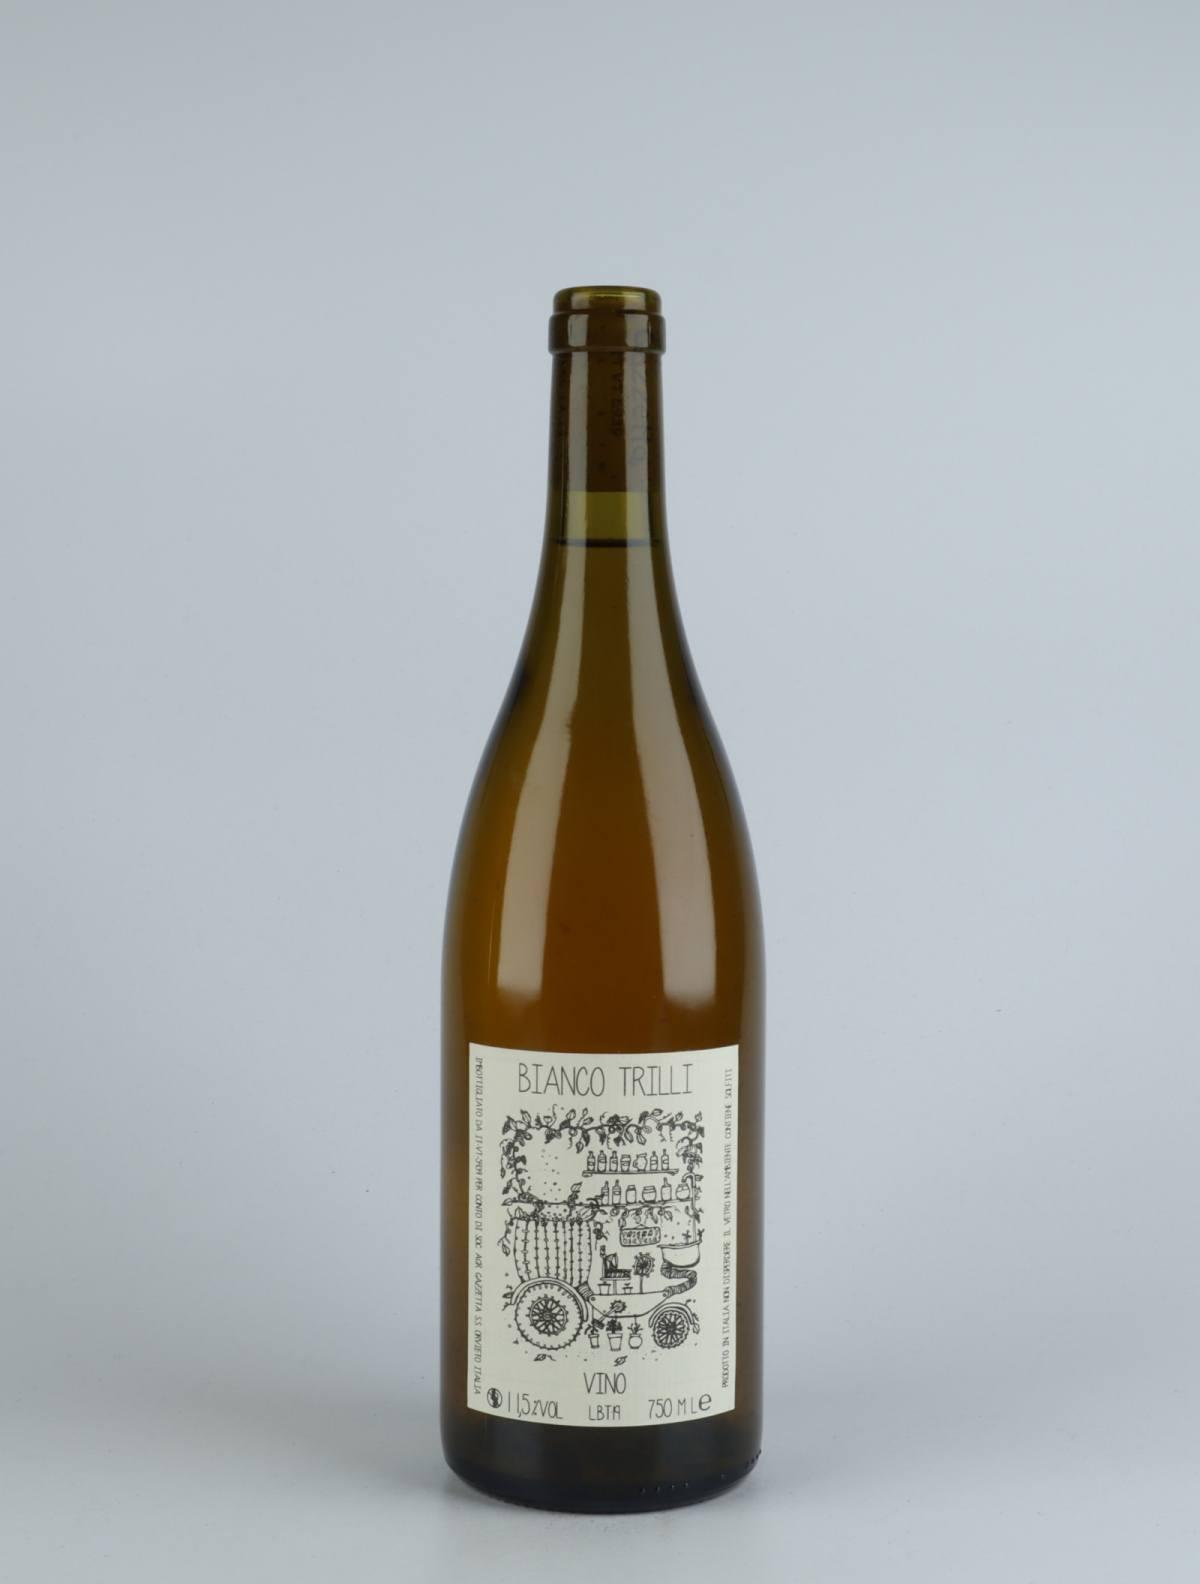 Vino Bianco Trilli